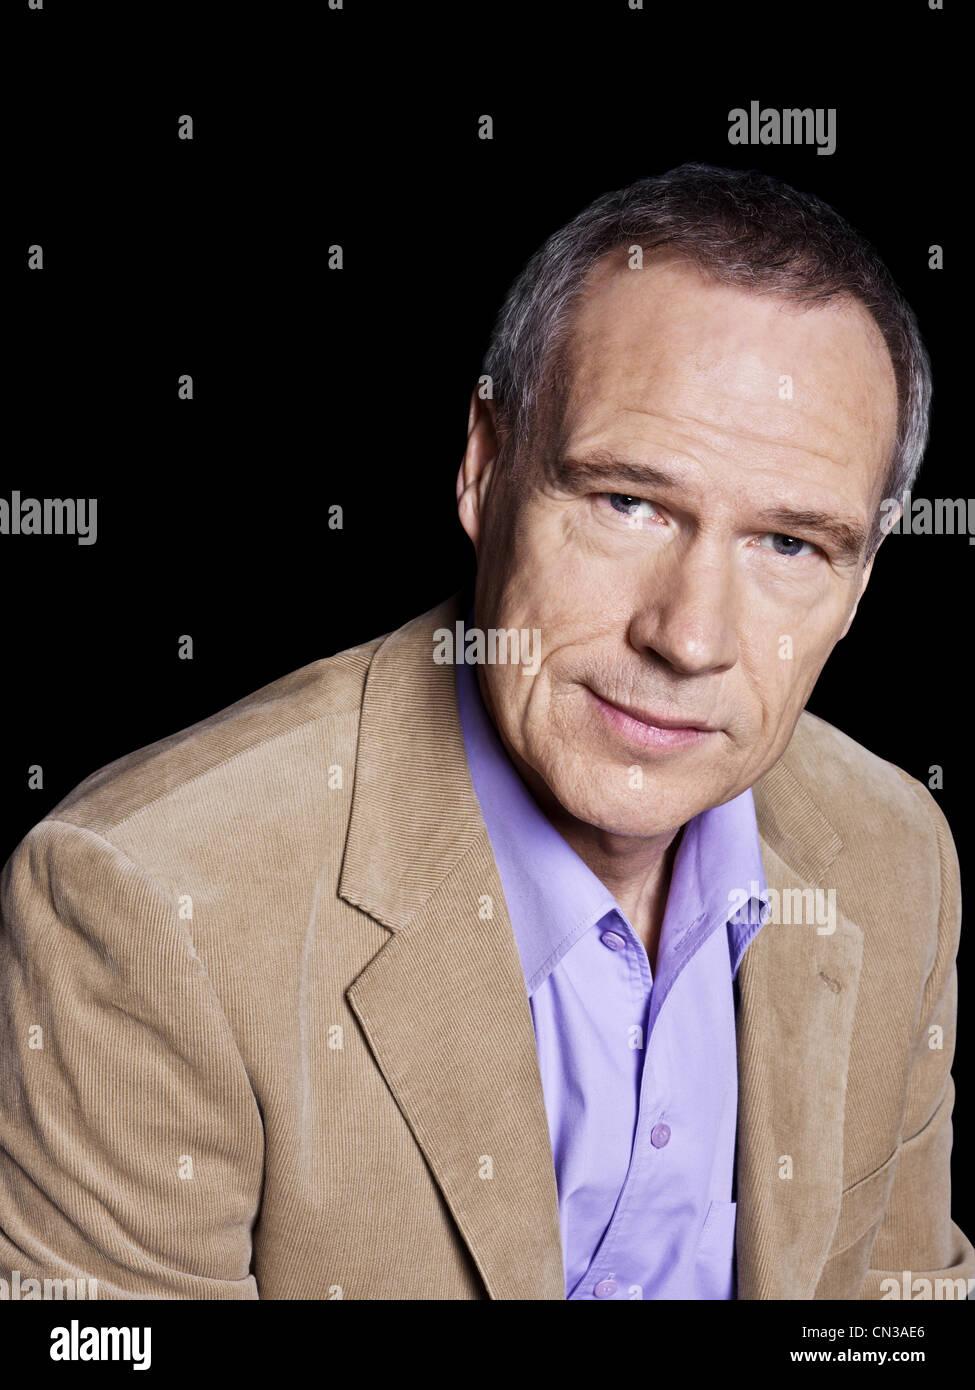 L'uomo indossando giacca beige, ritratto Immagini Stock